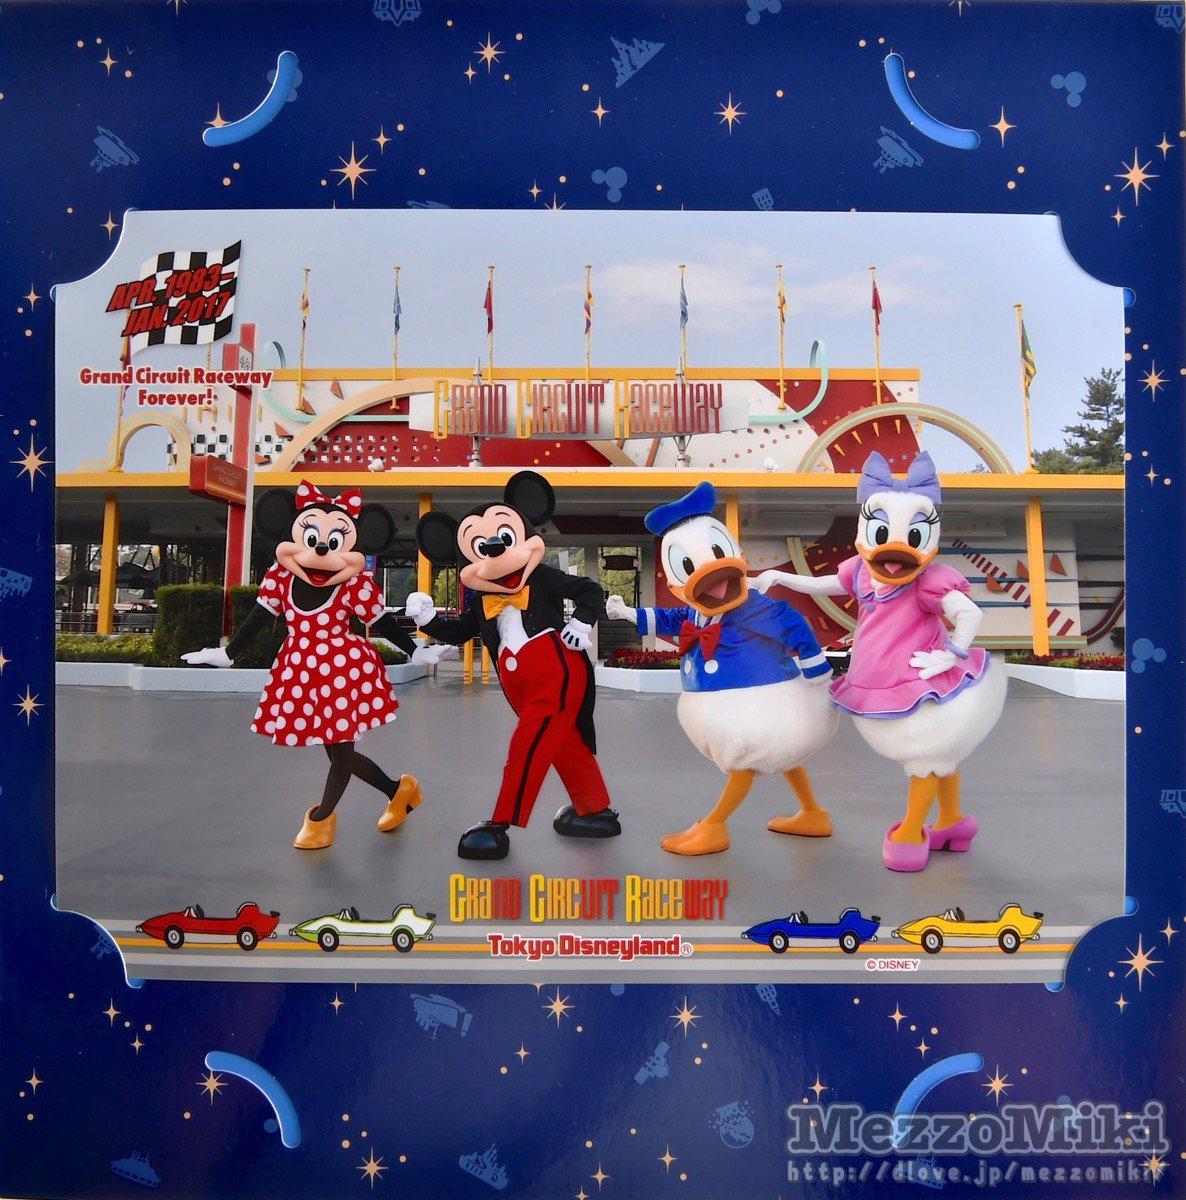 東京ディズニーランドのゴーカート『グランドサーキット・レースウェイ